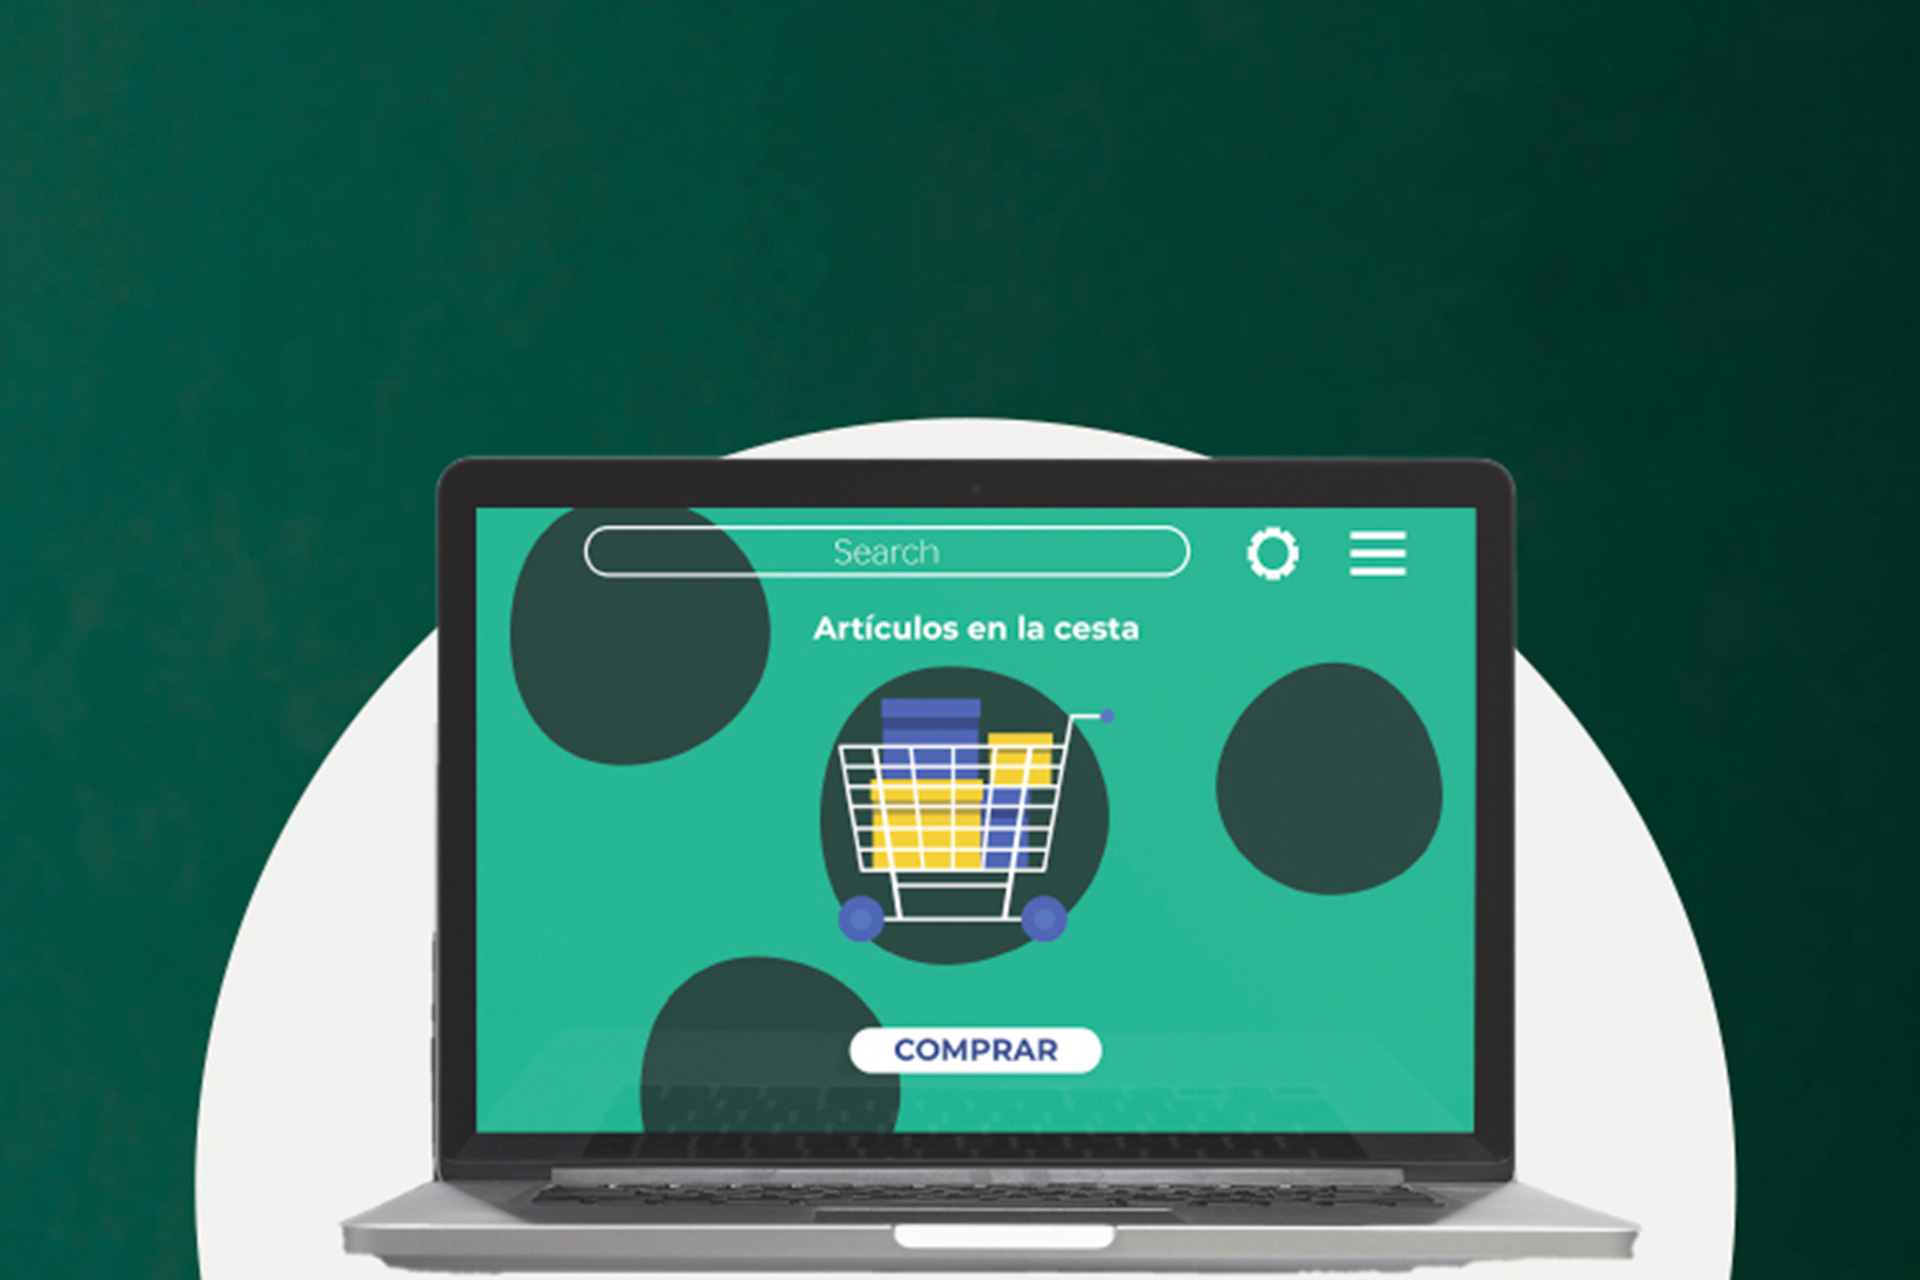 Tus compras online, más seguras con la normativa PSD2 y la biometría móvil